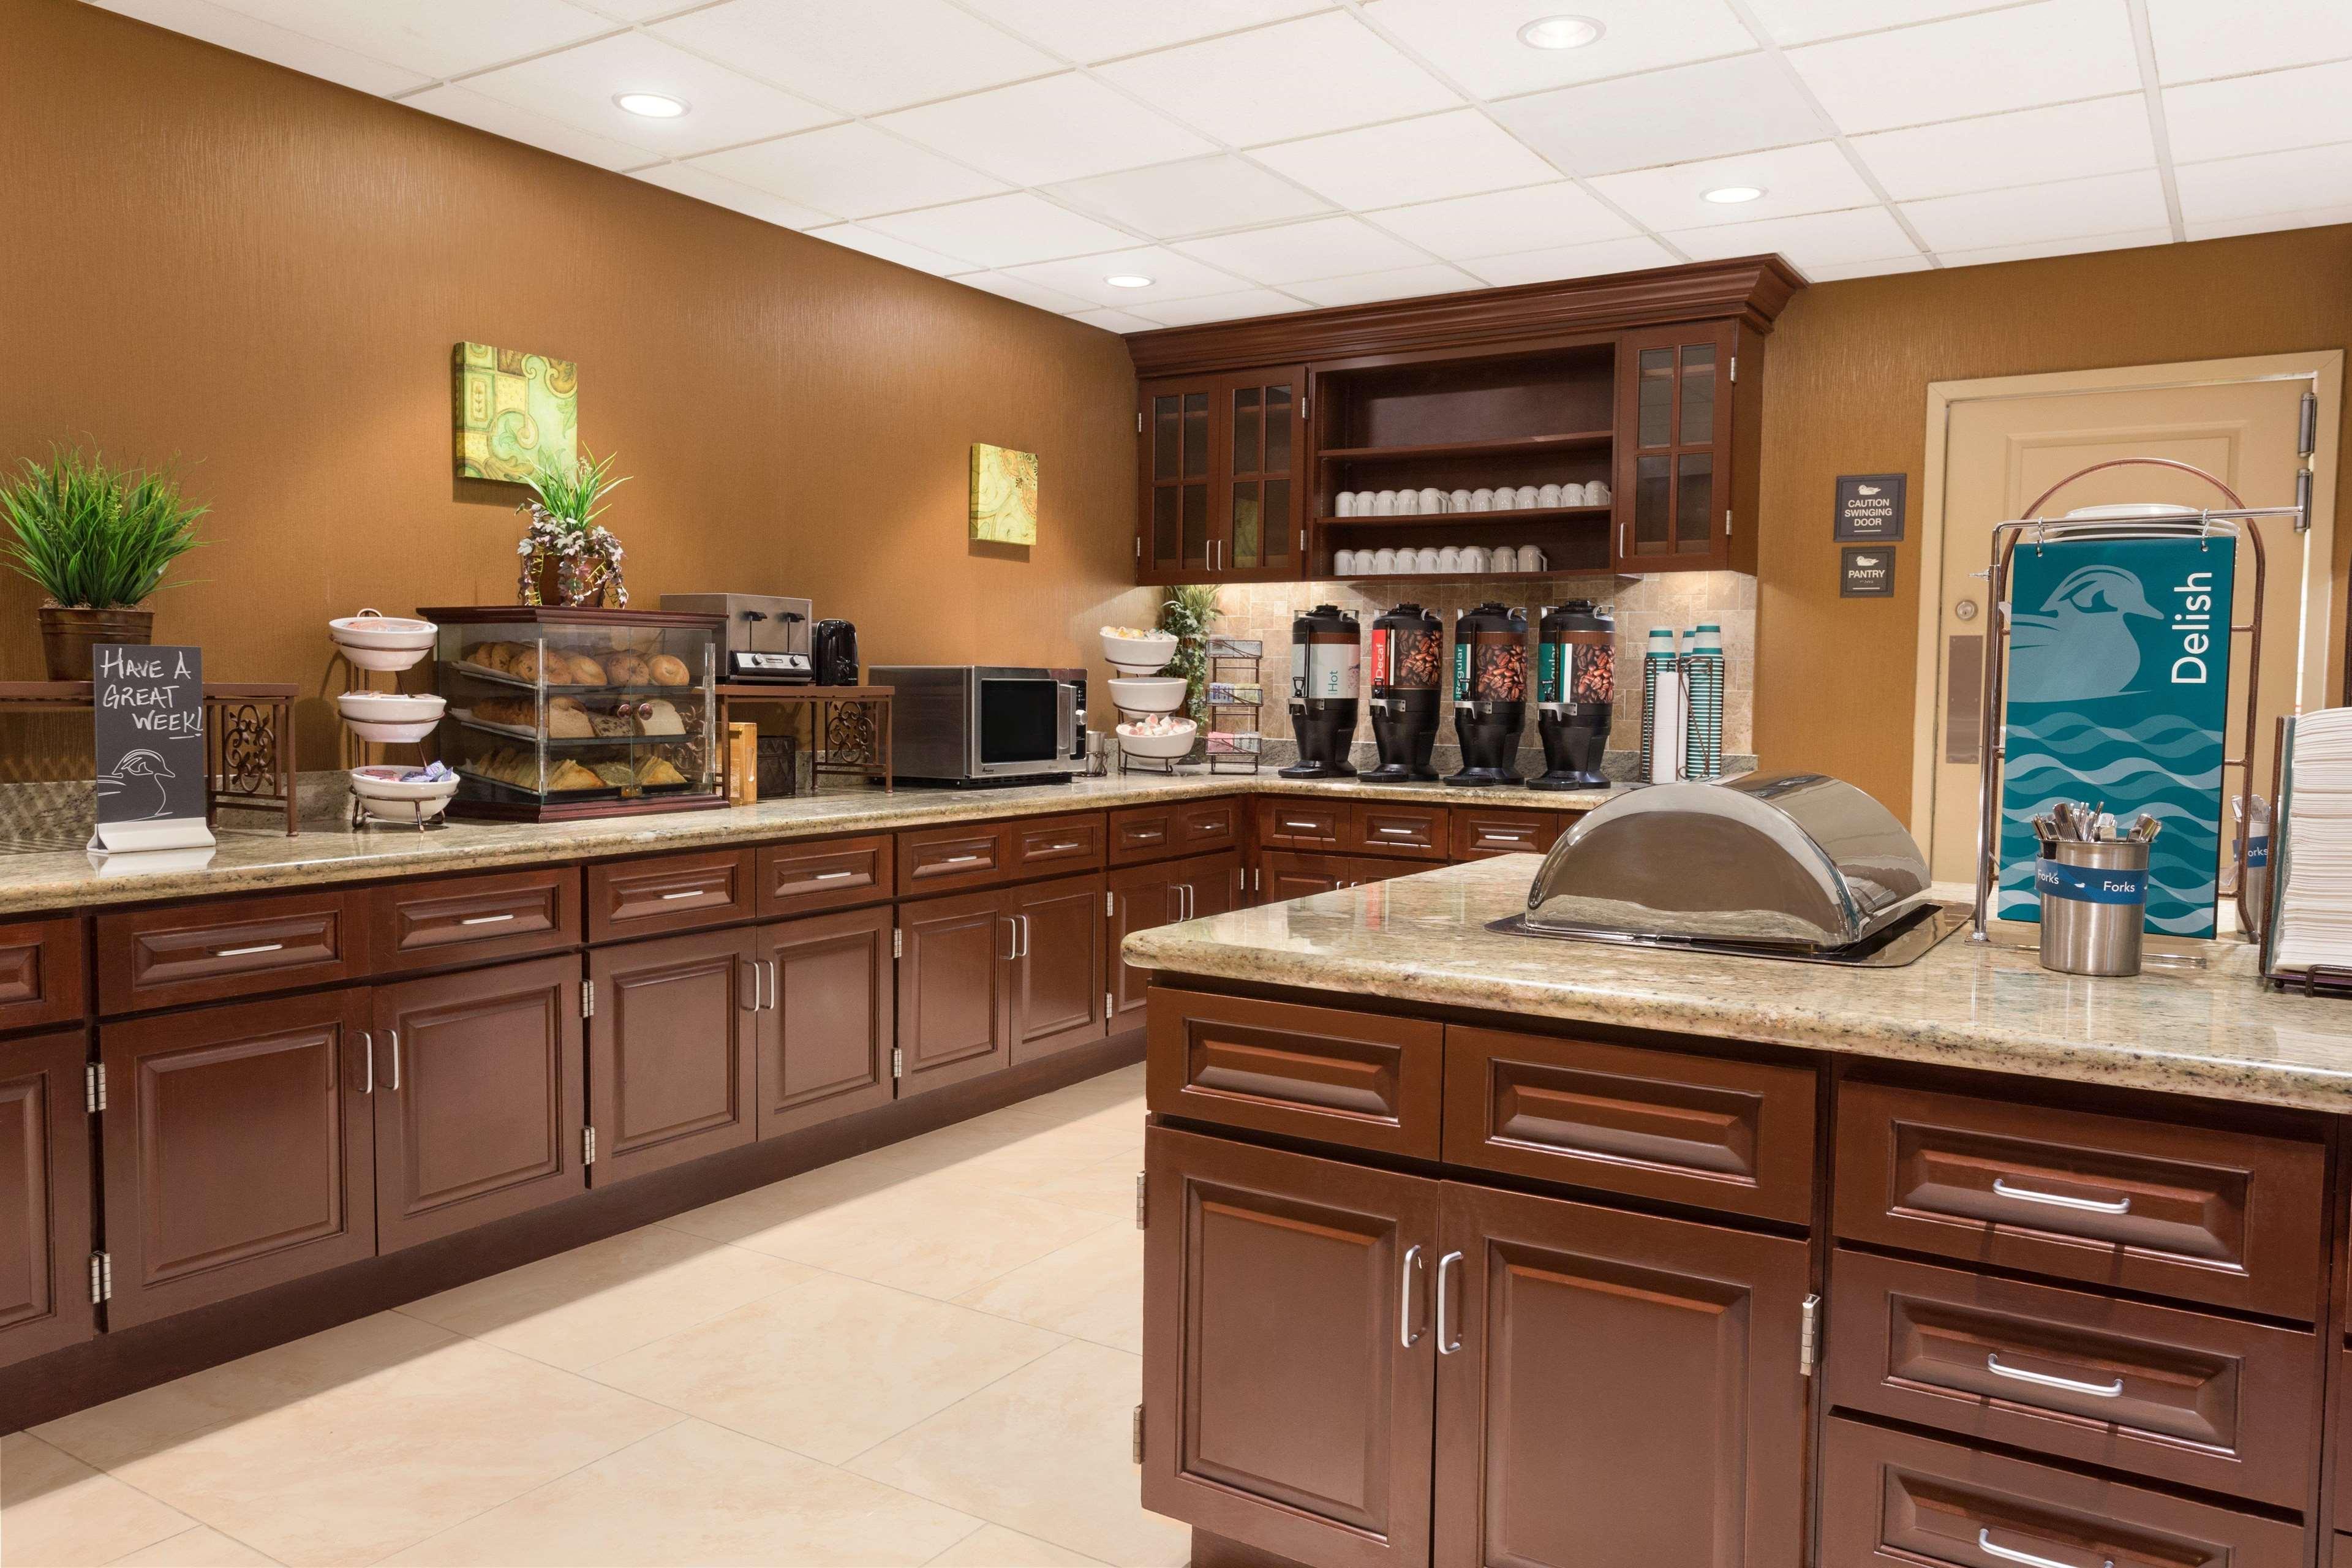 Homewood Suites by Hilton Lafayette-Airport, LA image 7